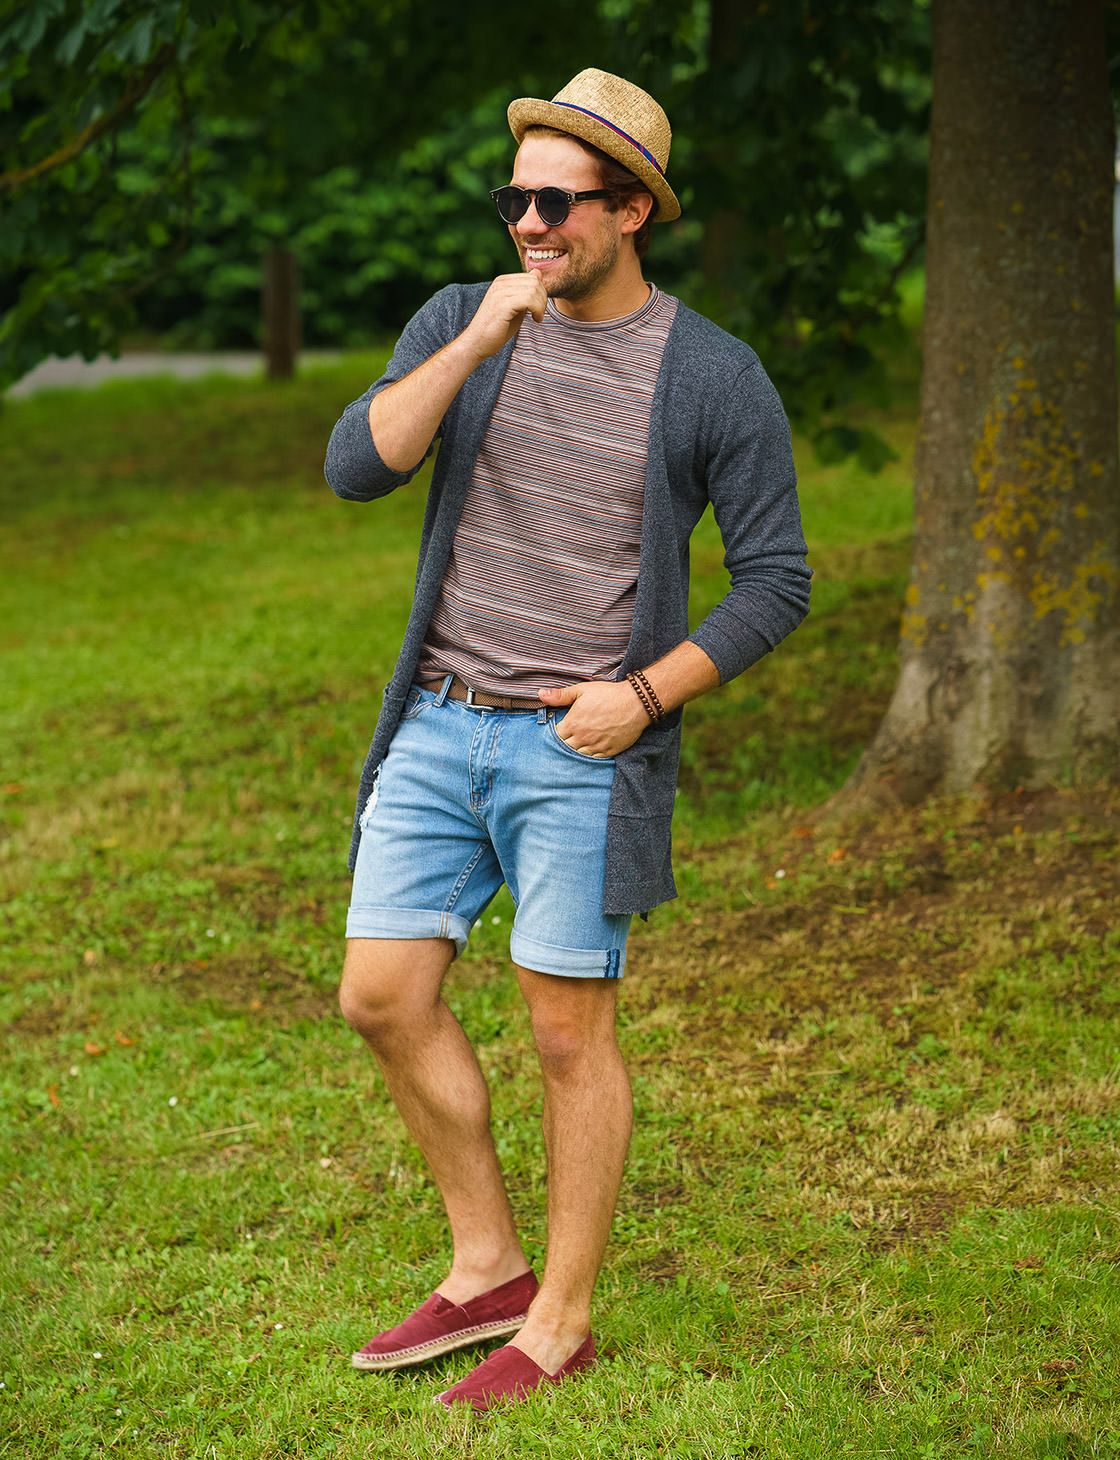 Einen Perfektes Park Mit Cardigan Im Für Outfit Langem Sommertag b7vIgYyf6